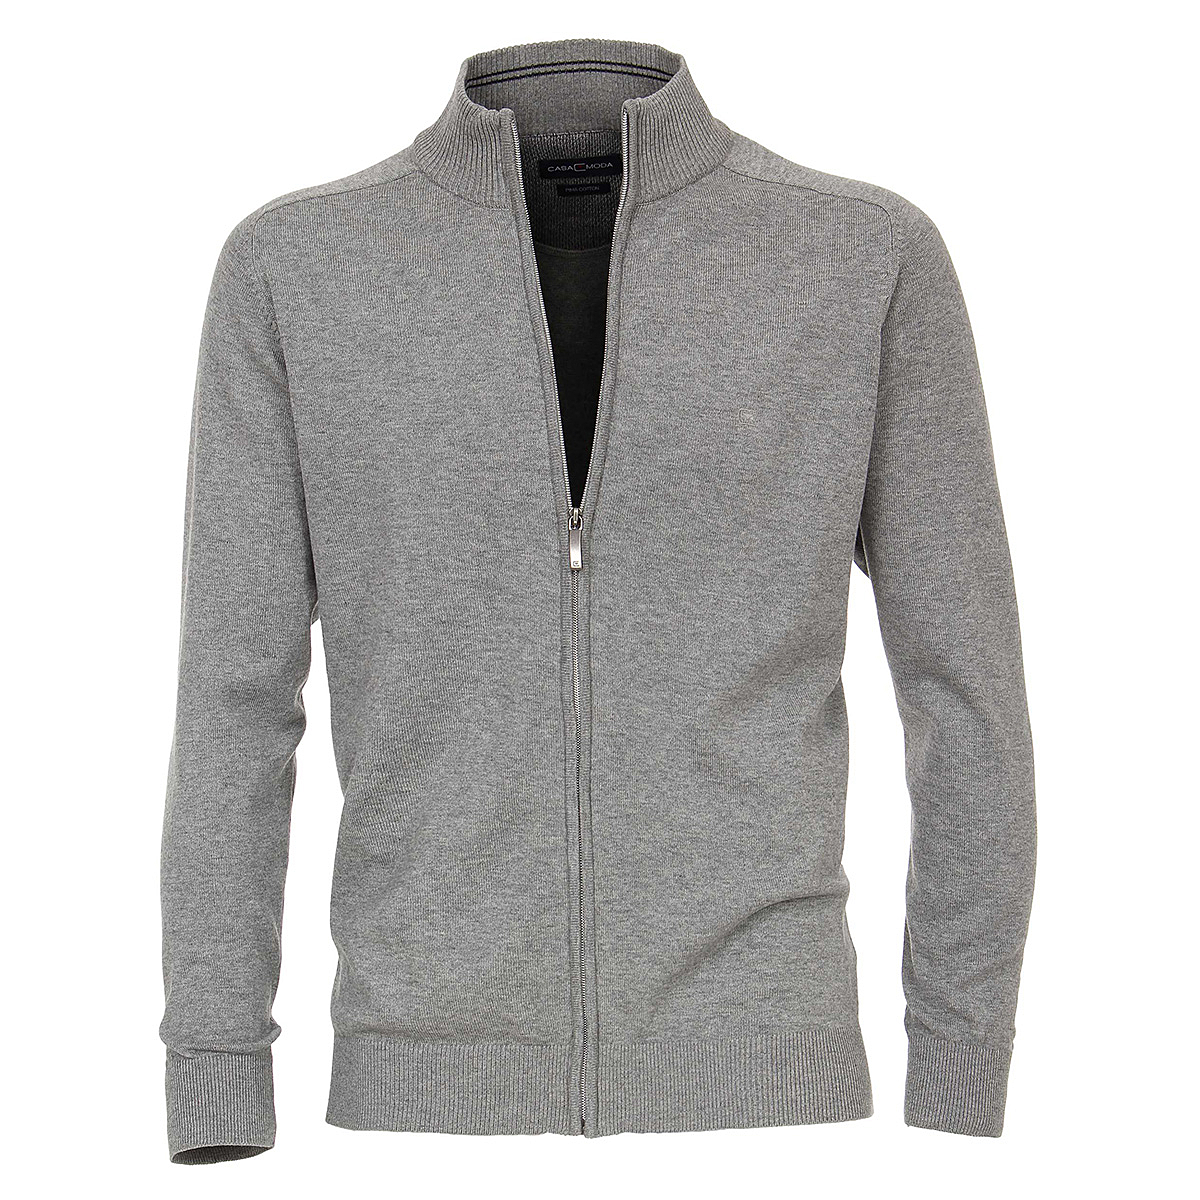 modernes Design Markenqualität um 50 Prozent reduziert Casa Moda | Strickjacke | Cardigan mit Reißverschluss | Reine Baumwolle,  mit Zipper | Farbe grau